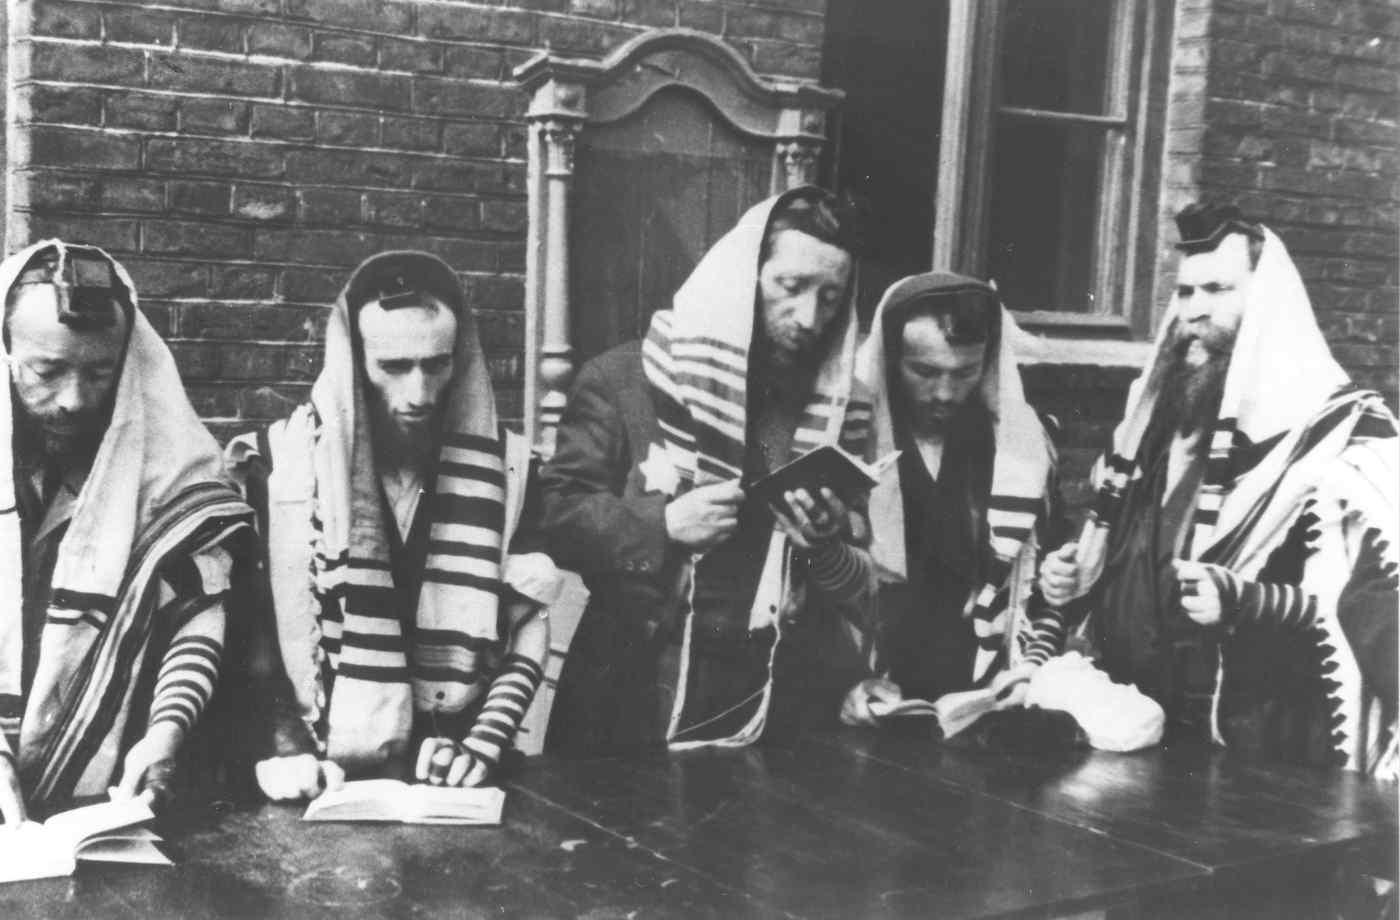 Juifs priant dans le ghetto de Lodz photo de propagande nazie